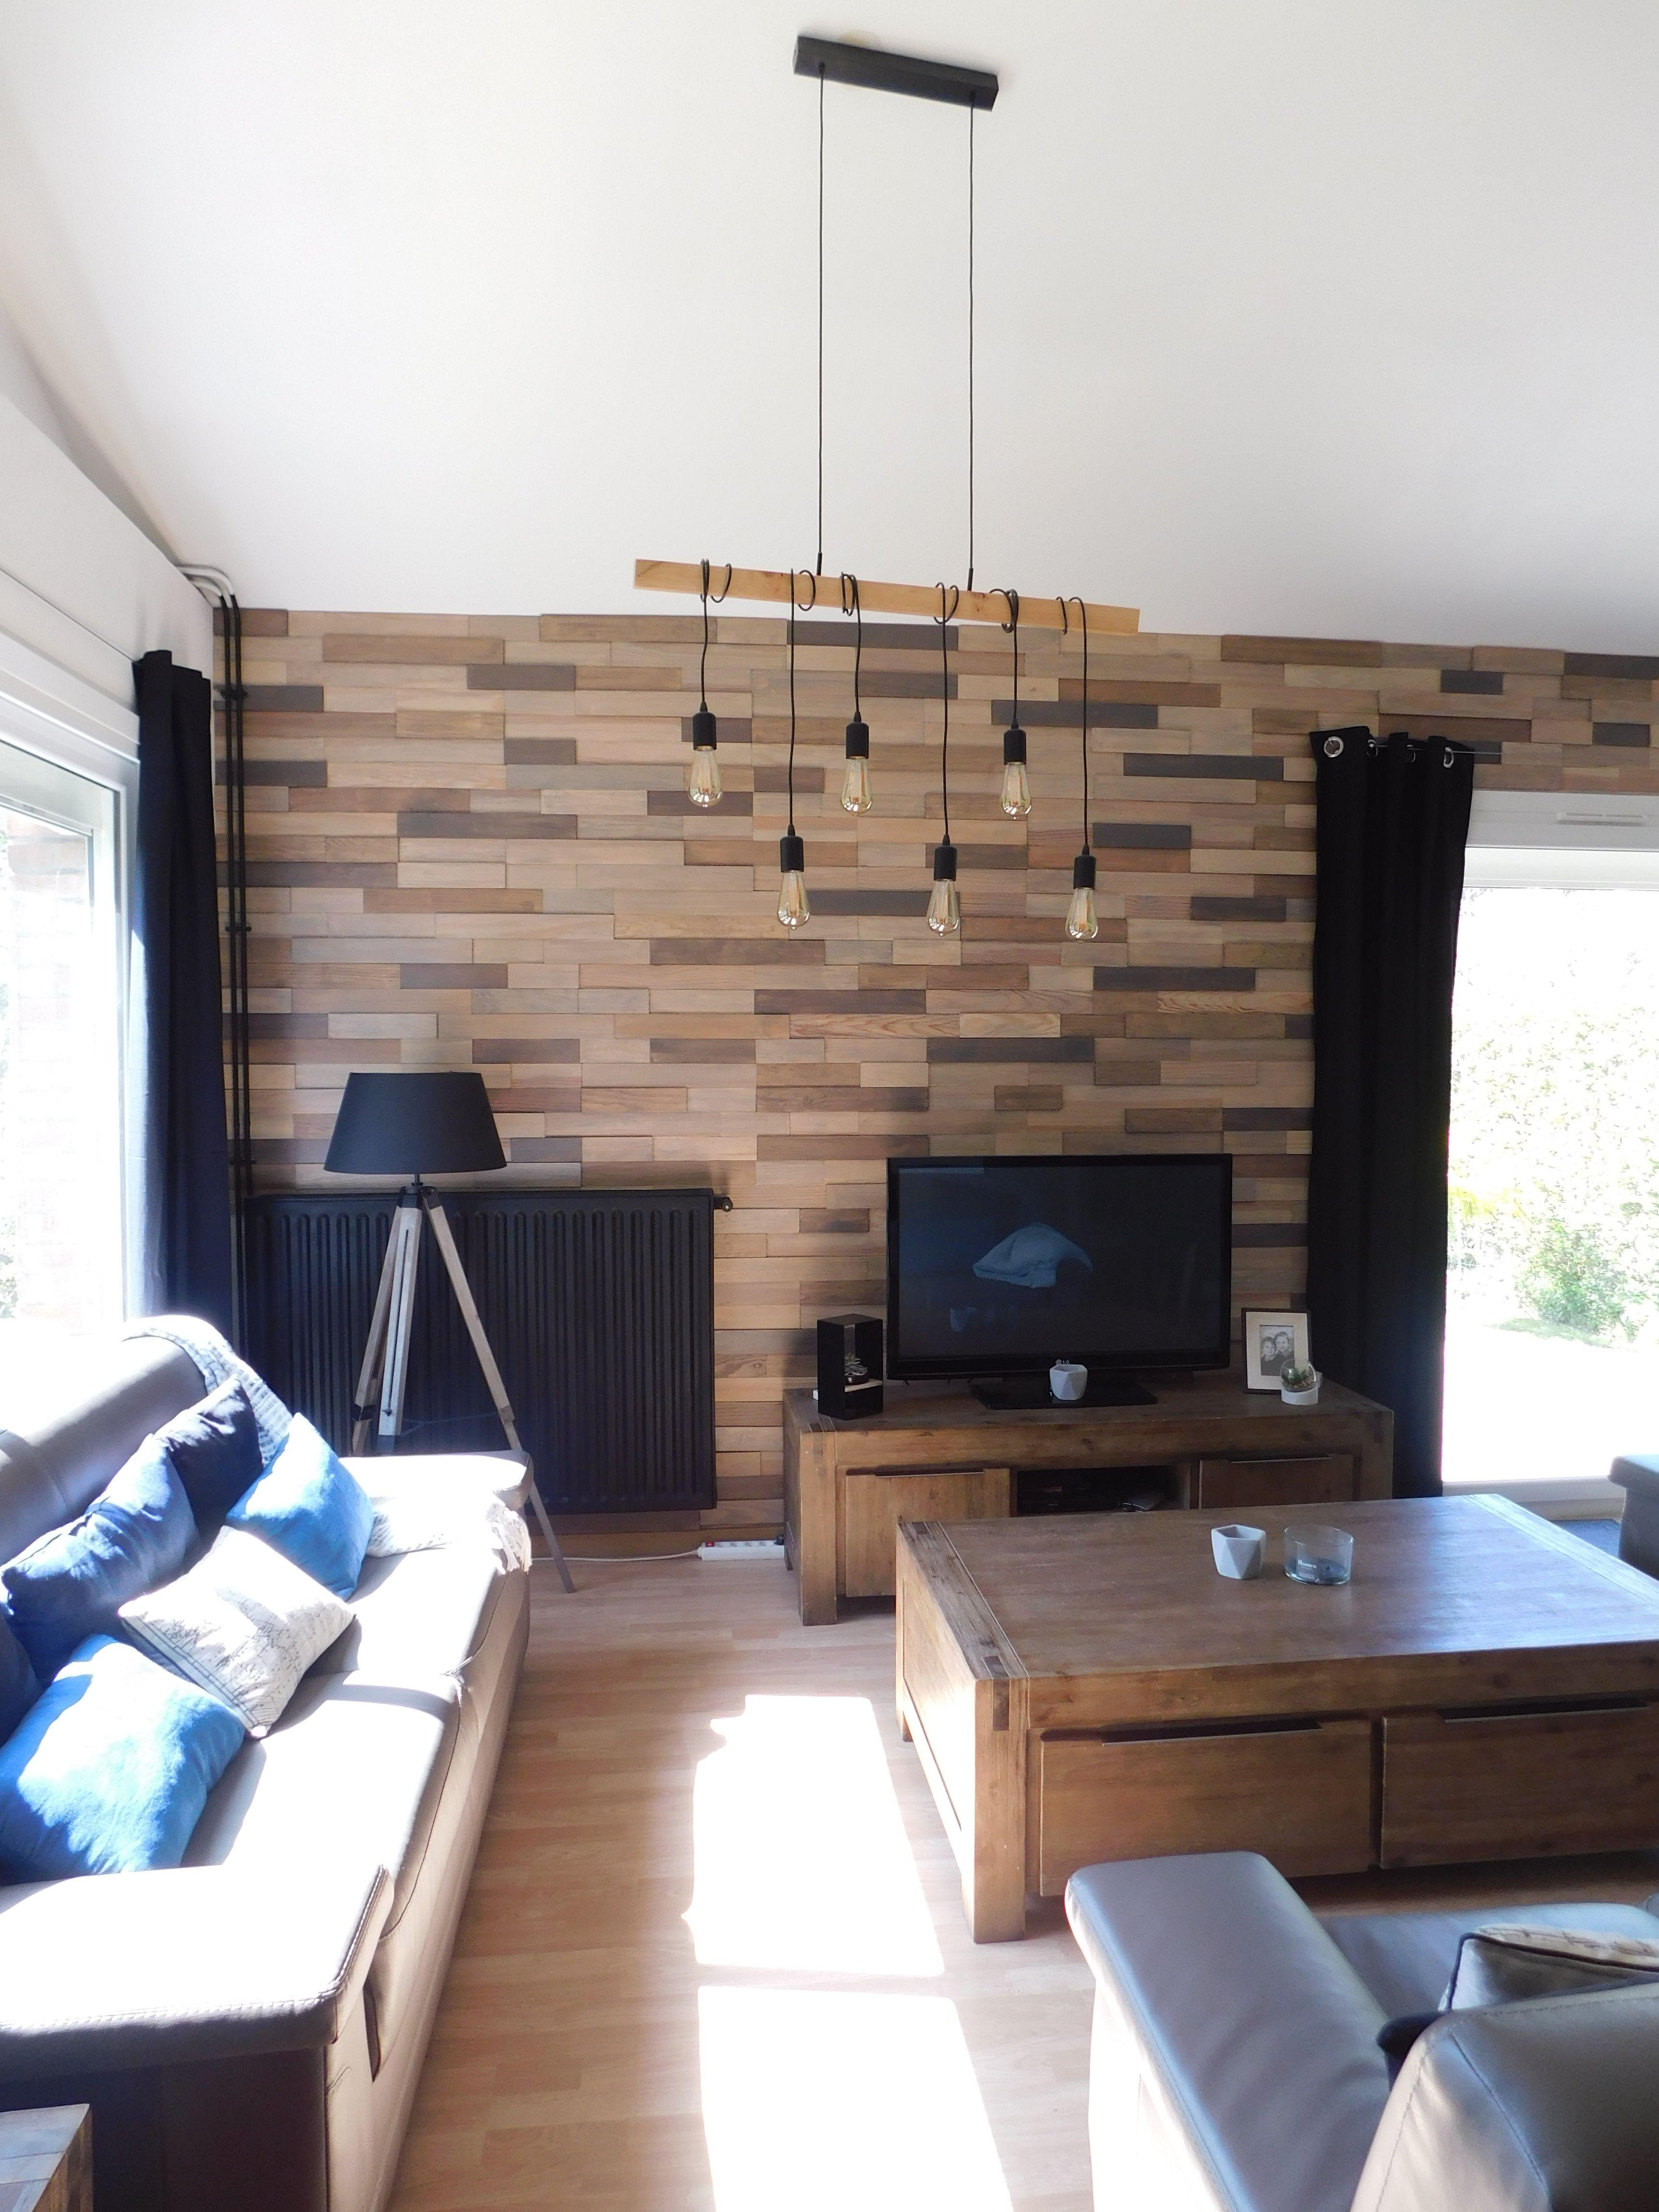 Mur En Parement Salon salon industriel, chaleureux, lumineux, revêtement mur béton